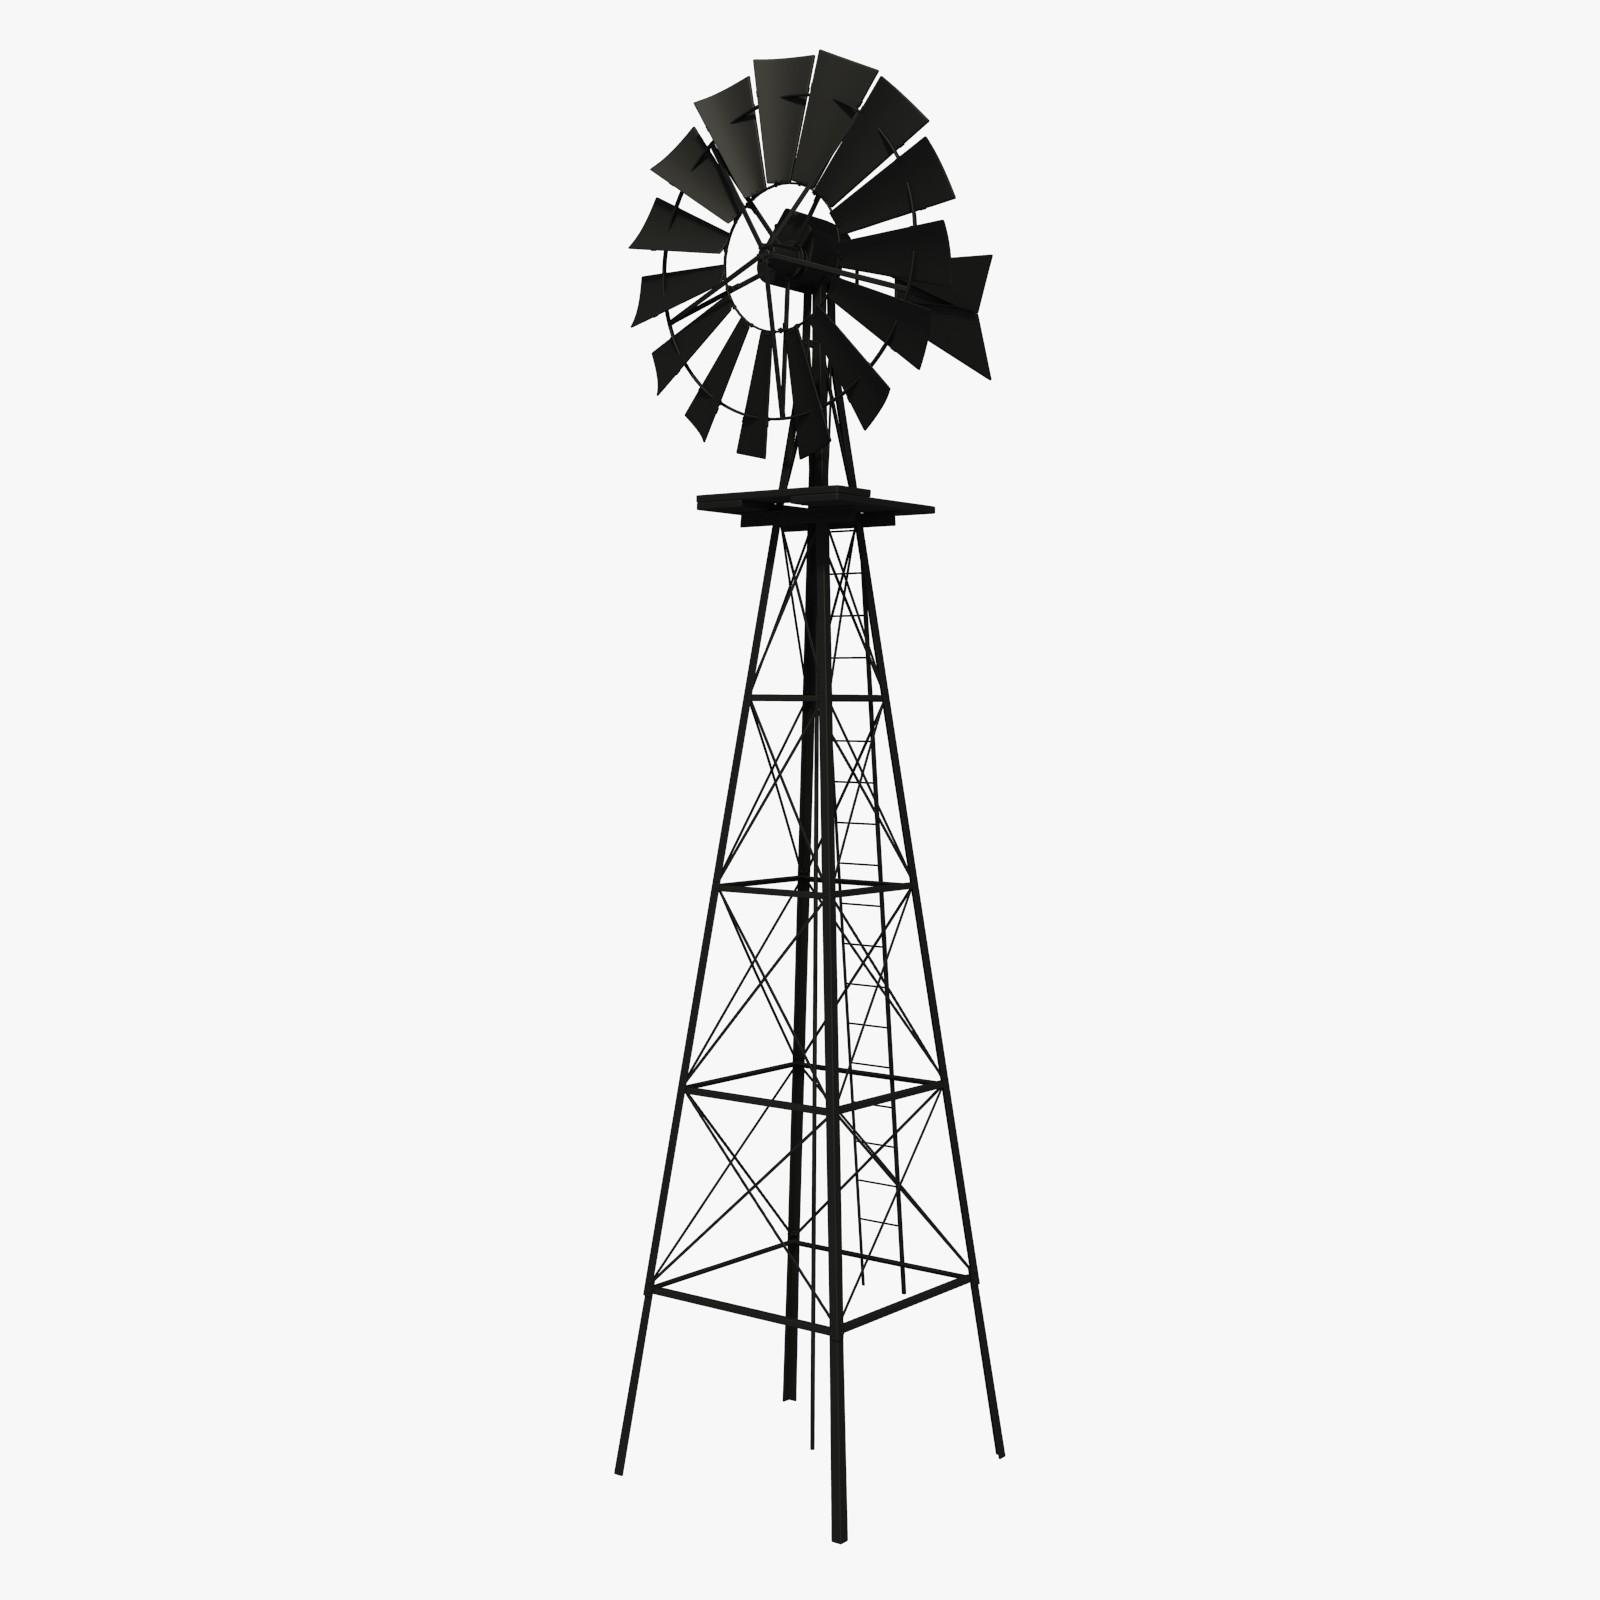 Drawn windmill farm windmill Windmill model metal metal 3d